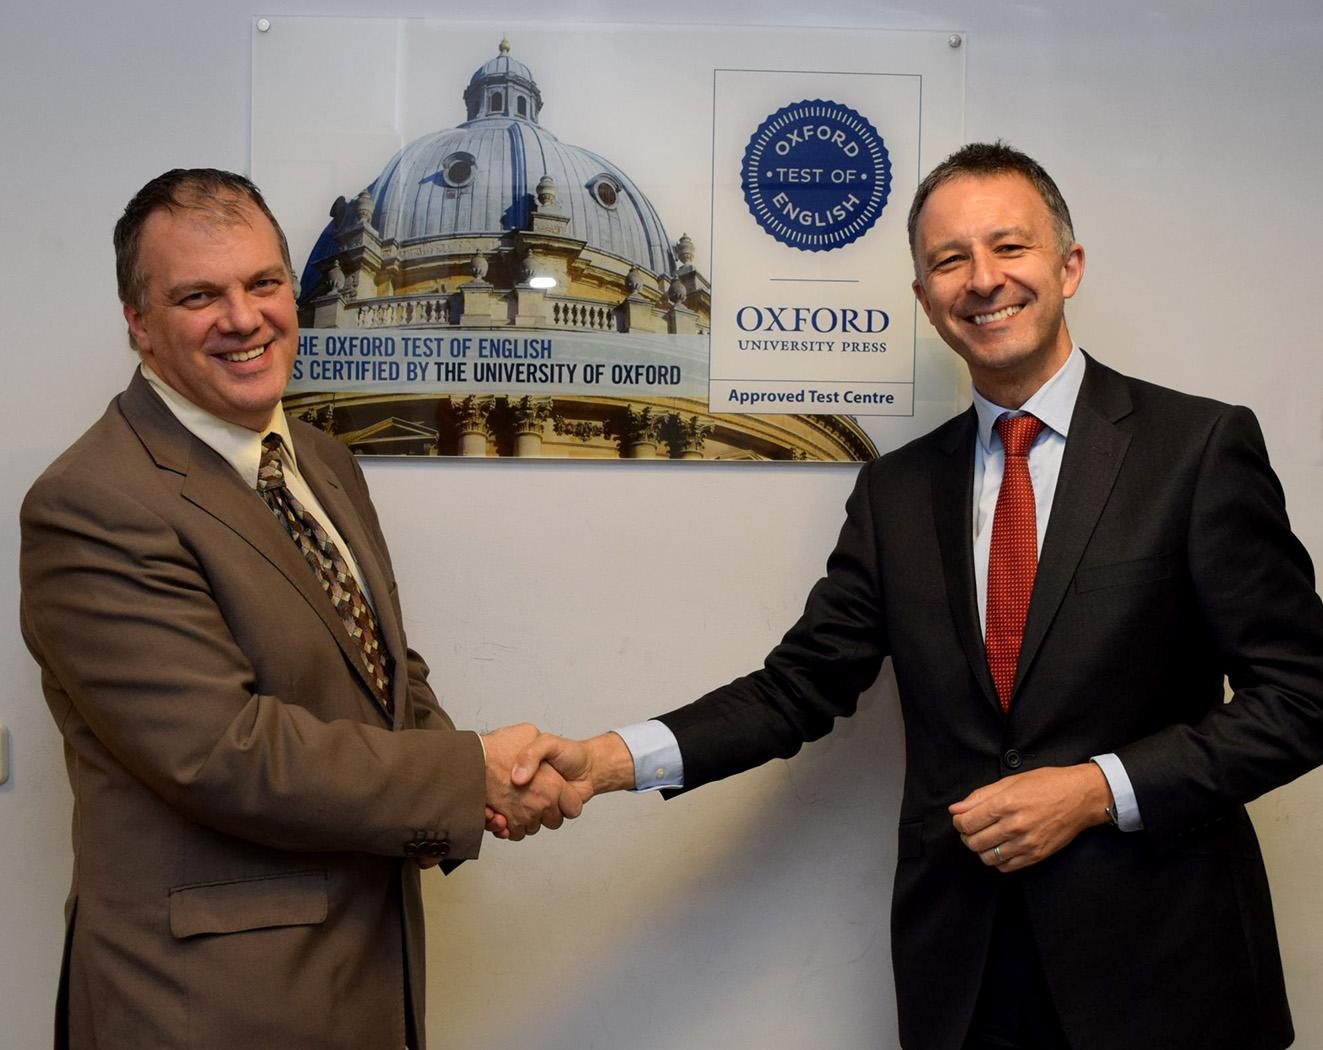 Oxford y Tajamar firman acuerdo para certificaciones en inglés